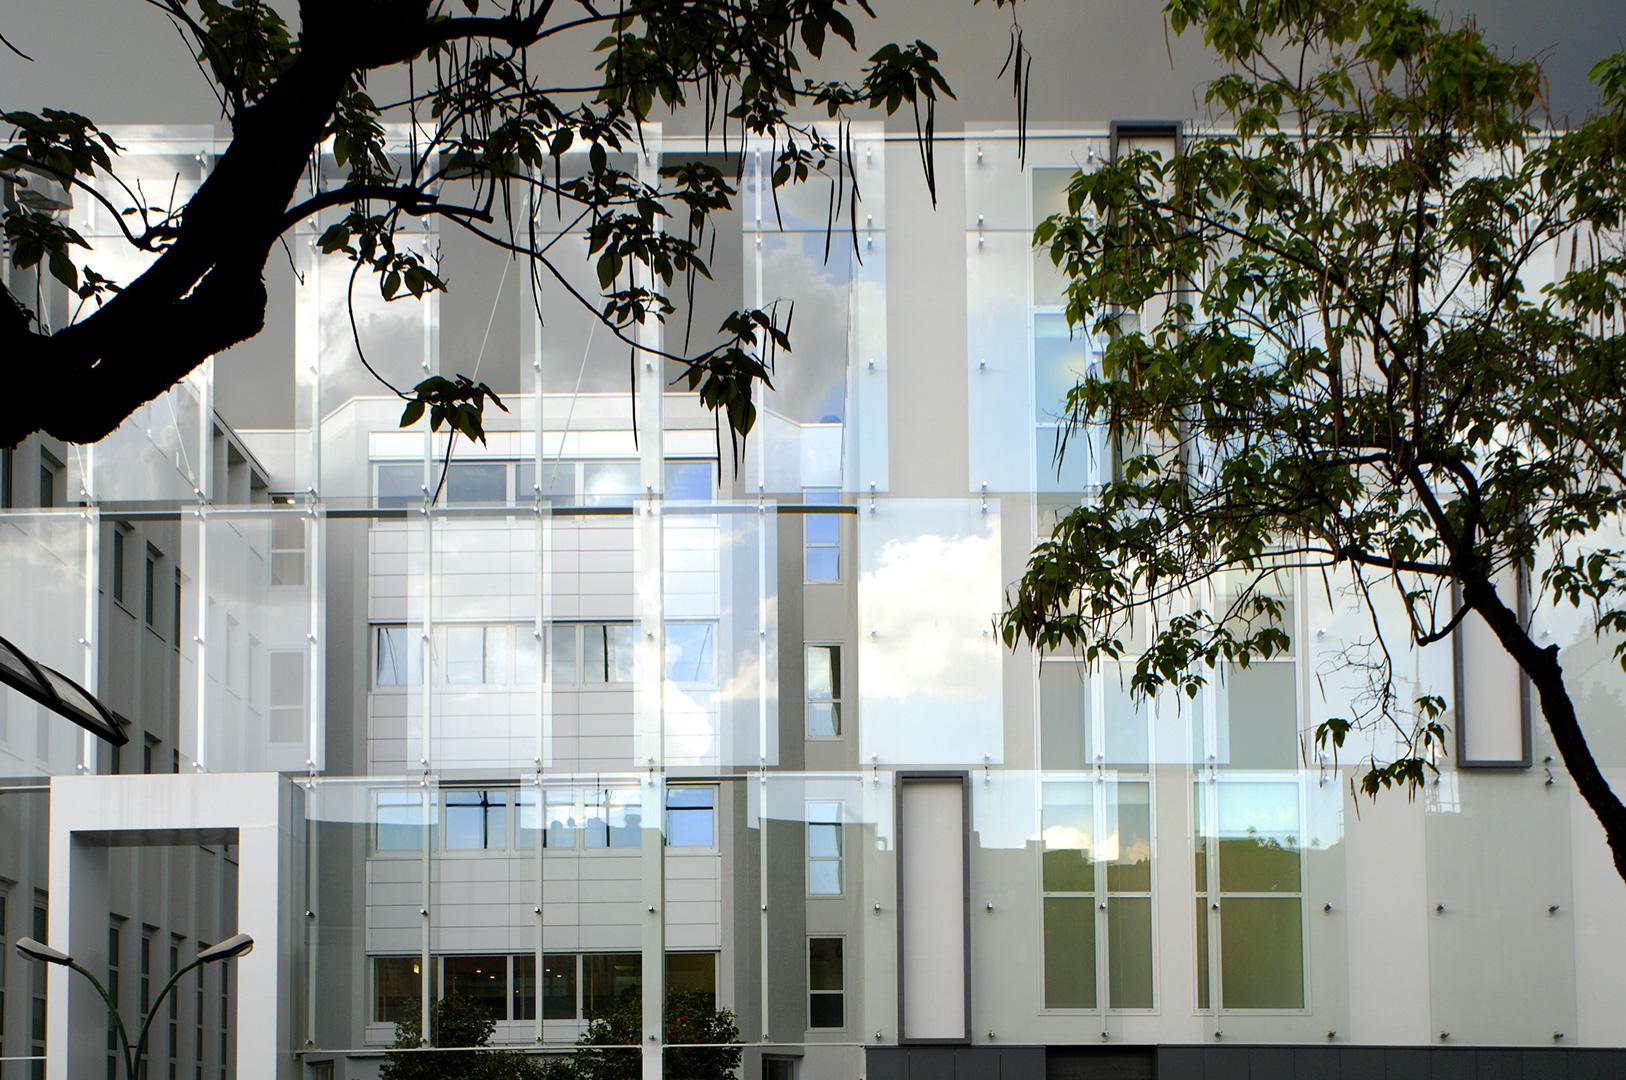 stefano-boeri_45_Edificio_Telecom_SB6_DSC2942